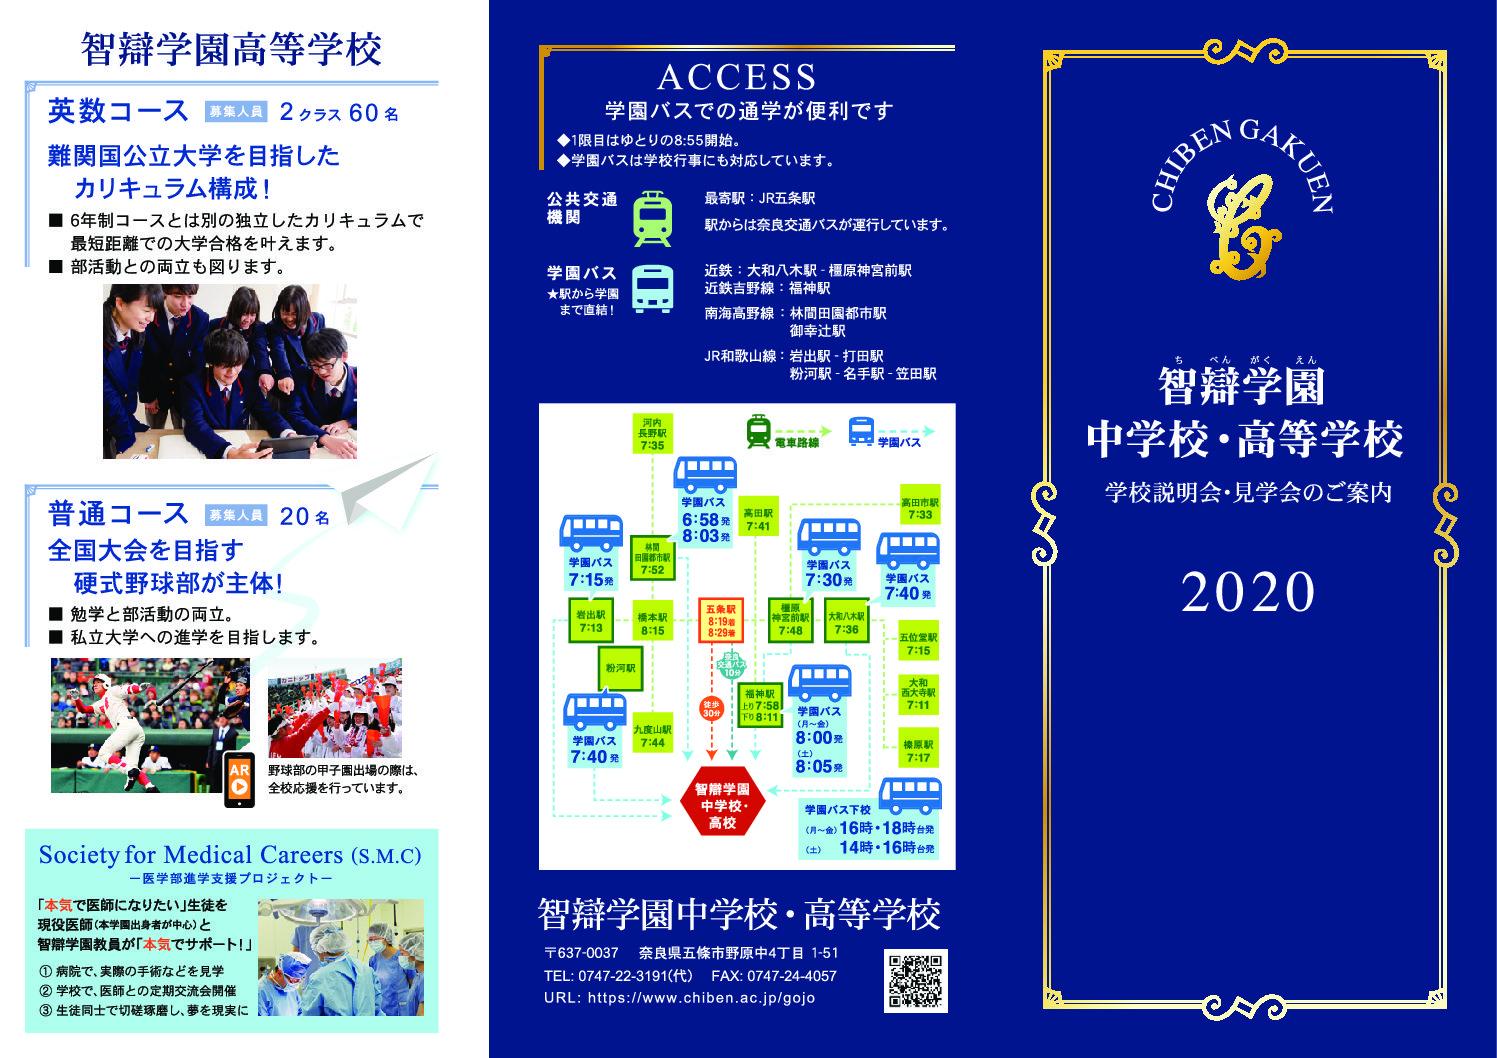 【中学・高校】2020年 学園イベントについて